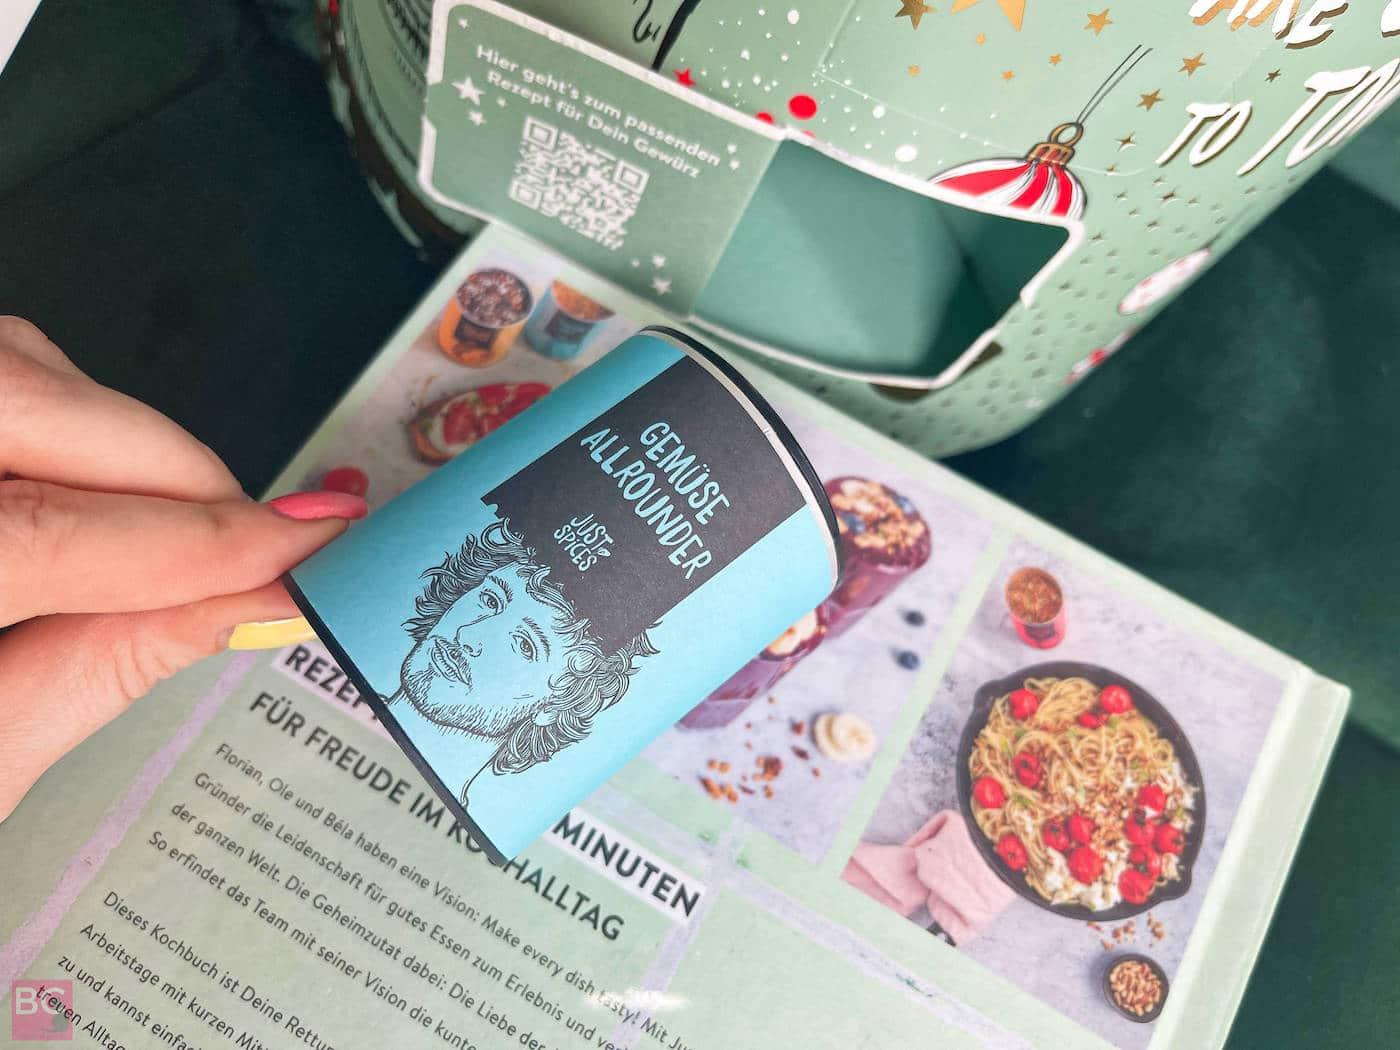 Just Spices Adventskalender Inhalt und passende Rezepte 2021